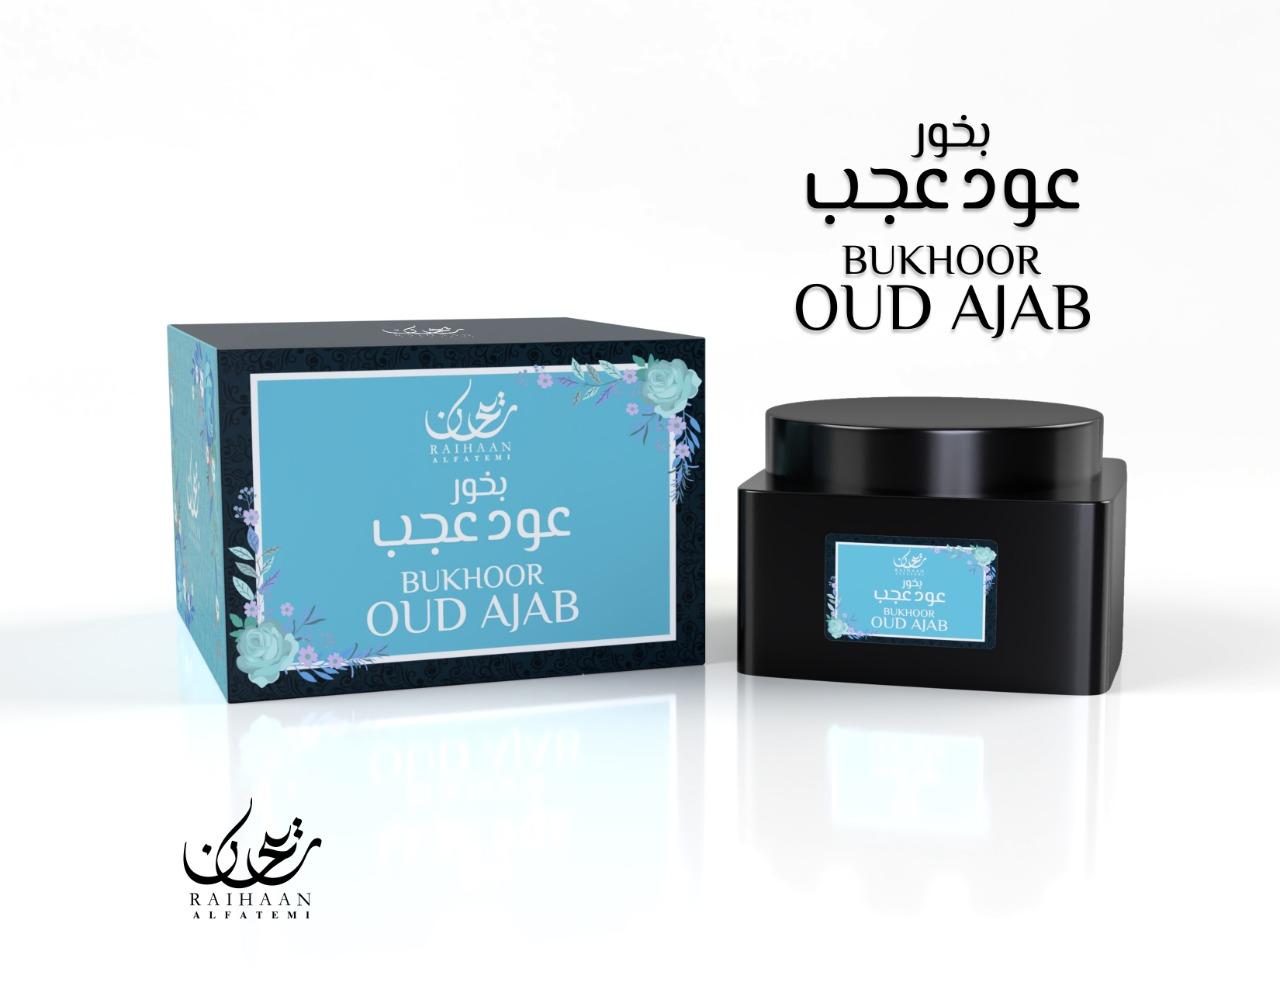 Bukhoor Oud Ajab - Raihan fabriqué à partir de copeaux de bois d'agar naturel et imbibé d'huiles parfumées odorantes. Contenance 70gr